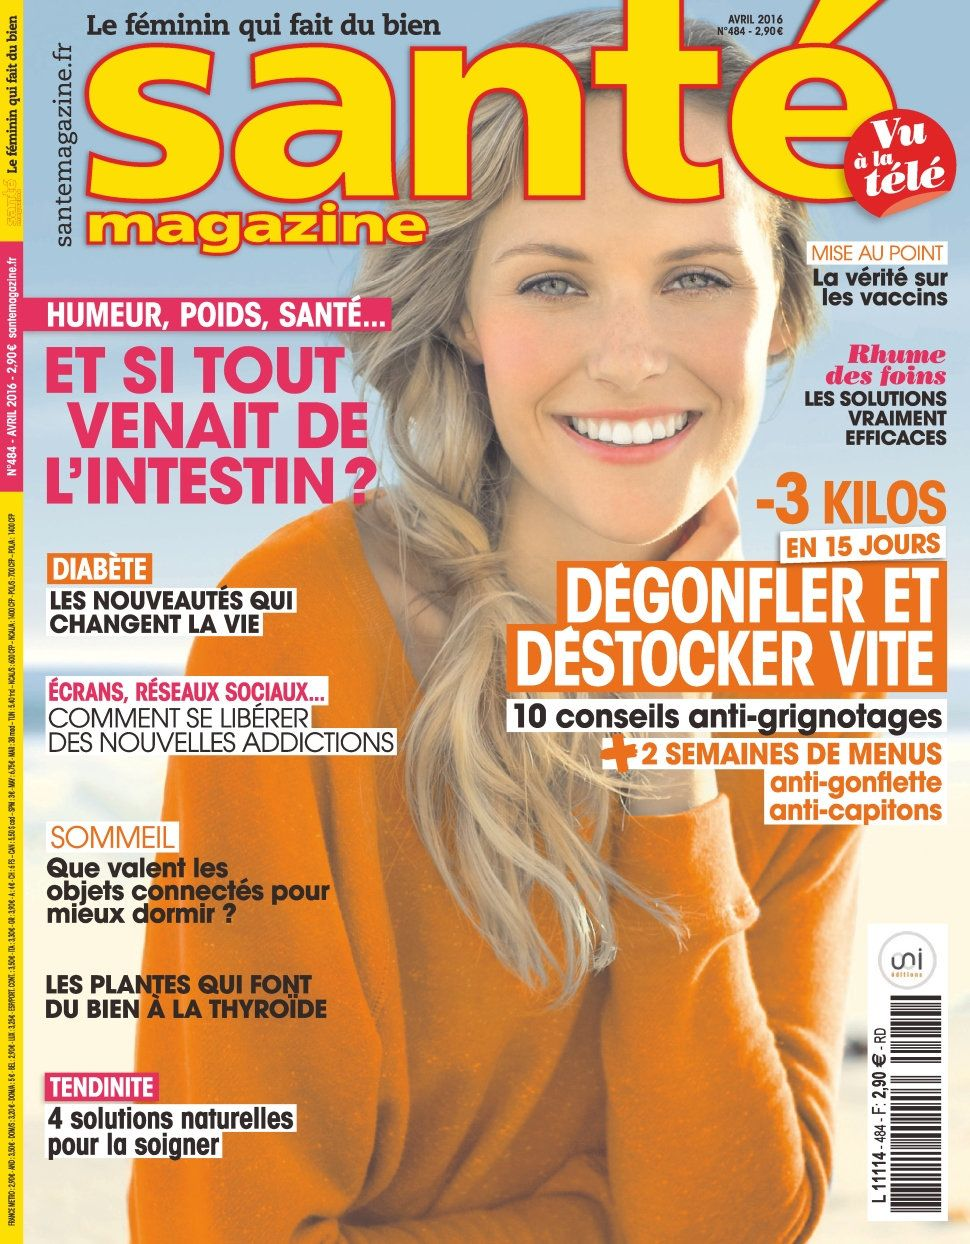 Santé magazine 484 - Avril 2016